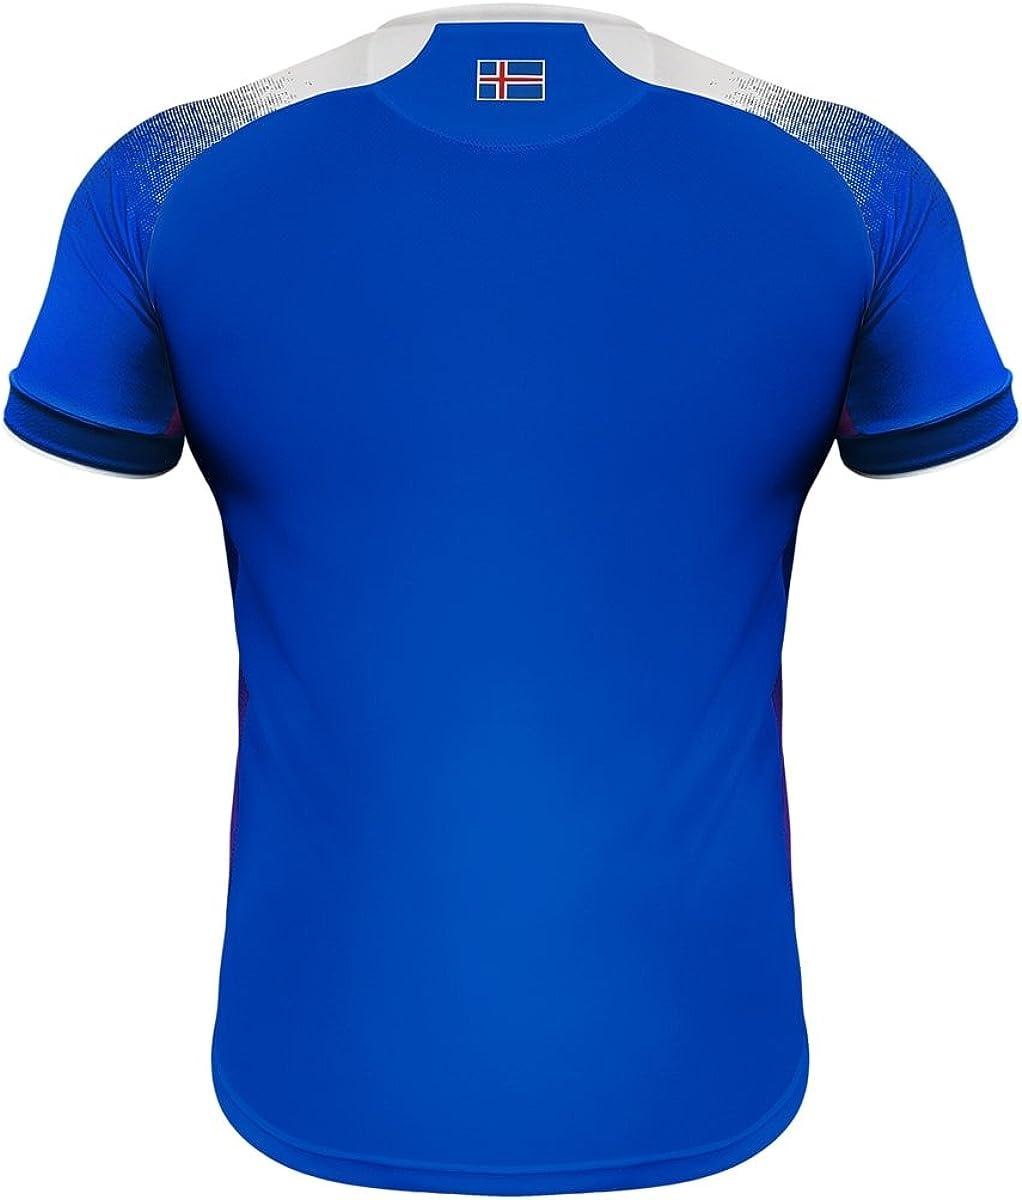 Errea Island Home Heim WM 2018 - Camiseta de fútbol. Hombre ...